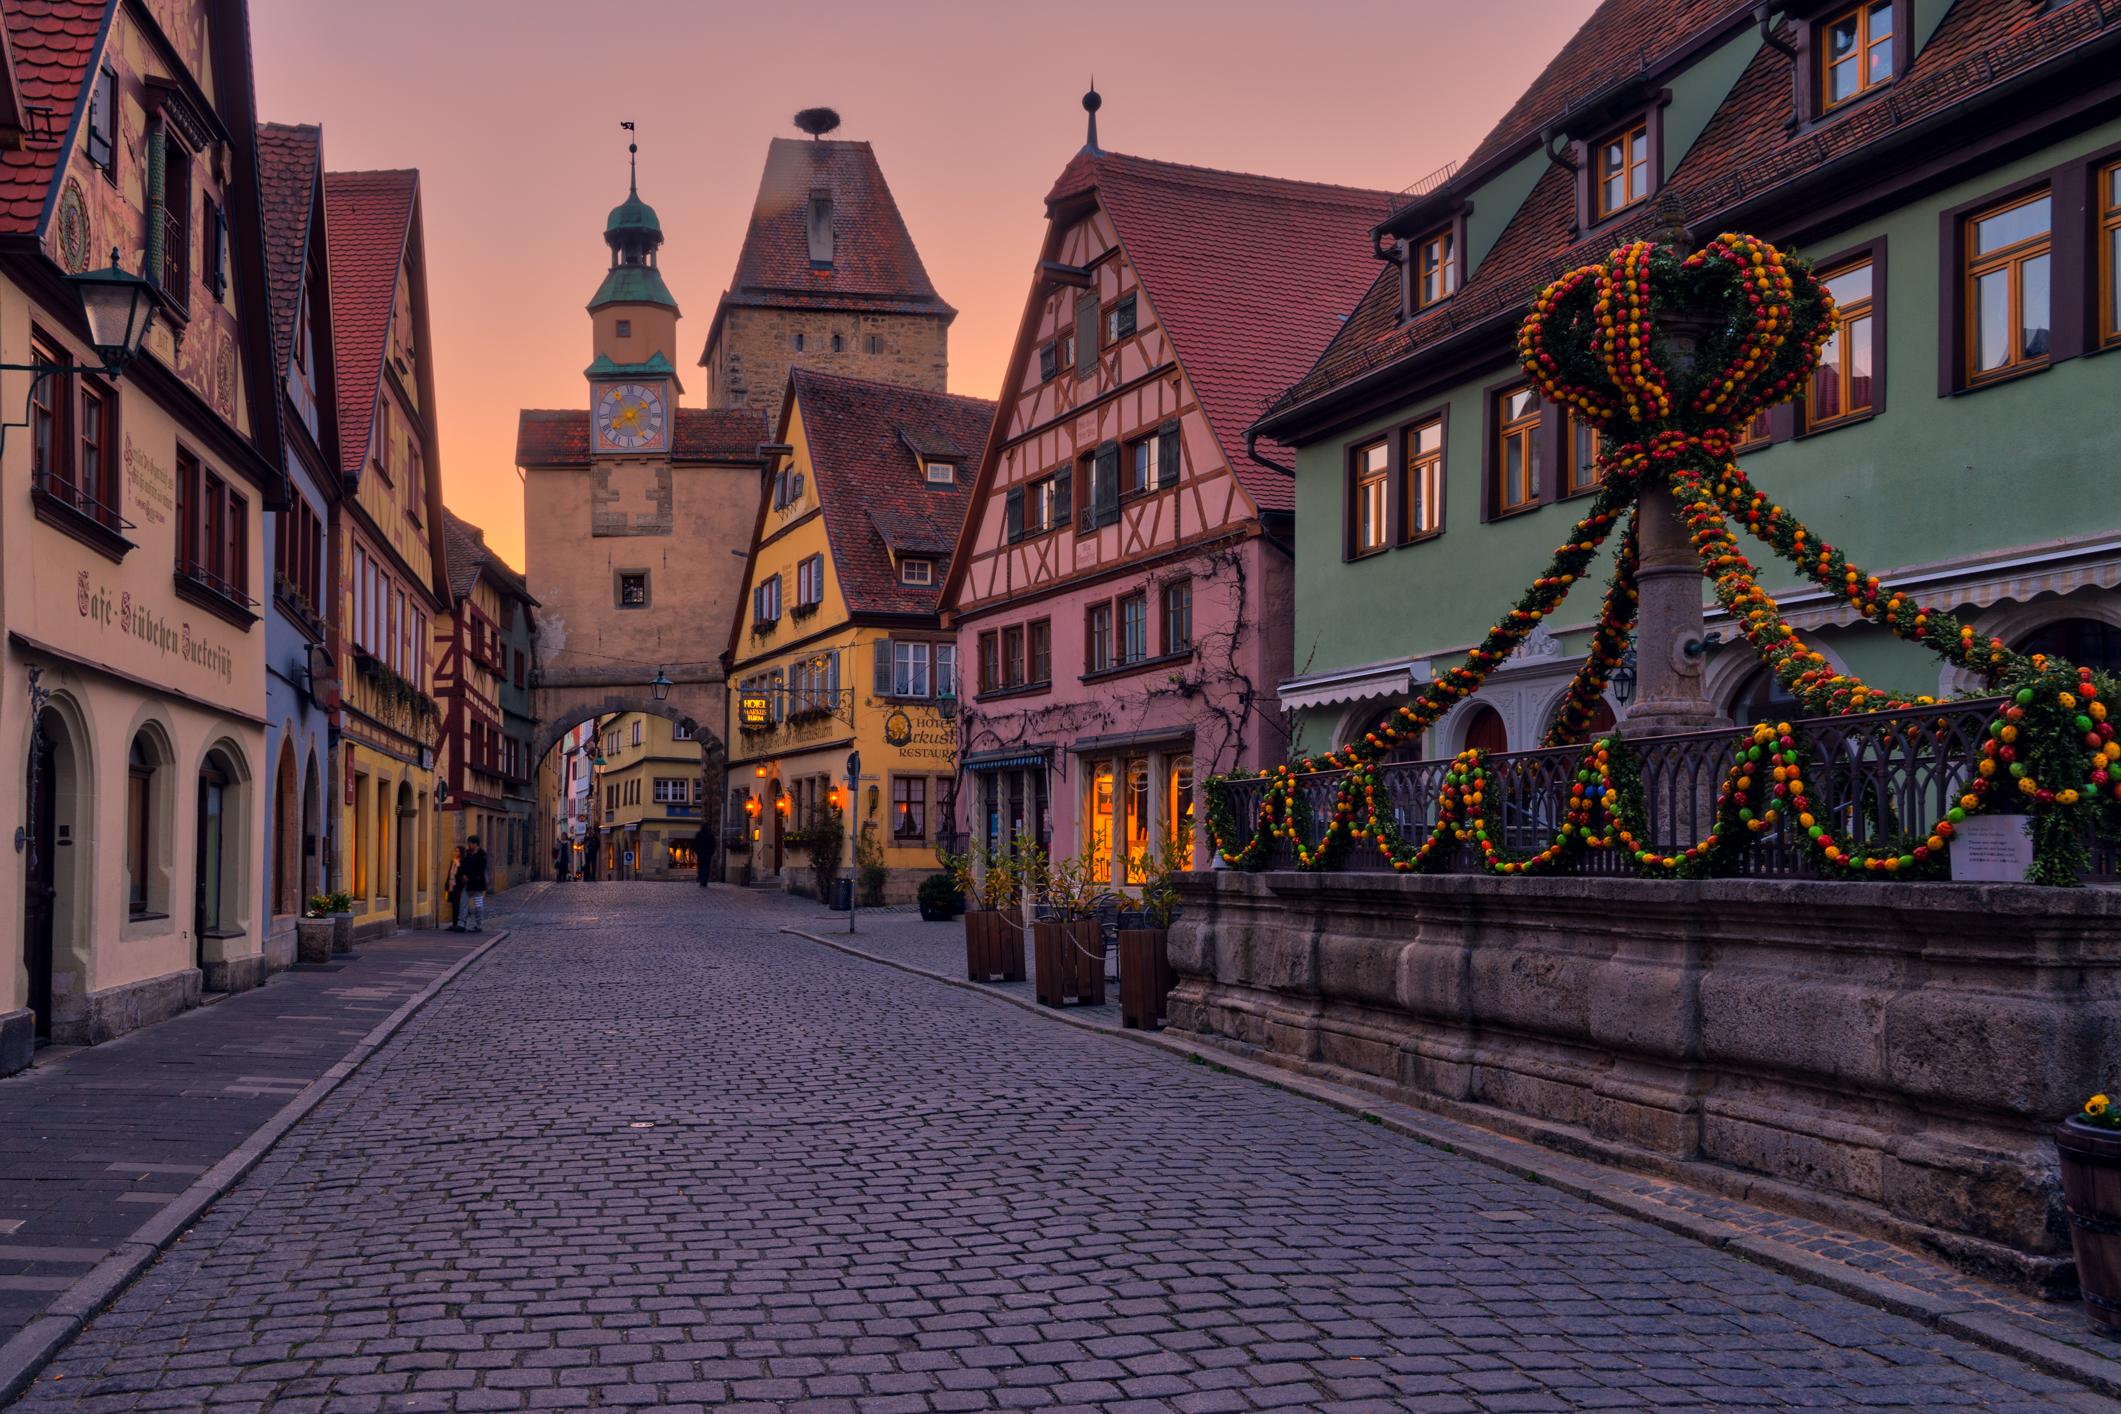 Germany-Rothenburg-street-scene-golden-hour-HDR.jpg